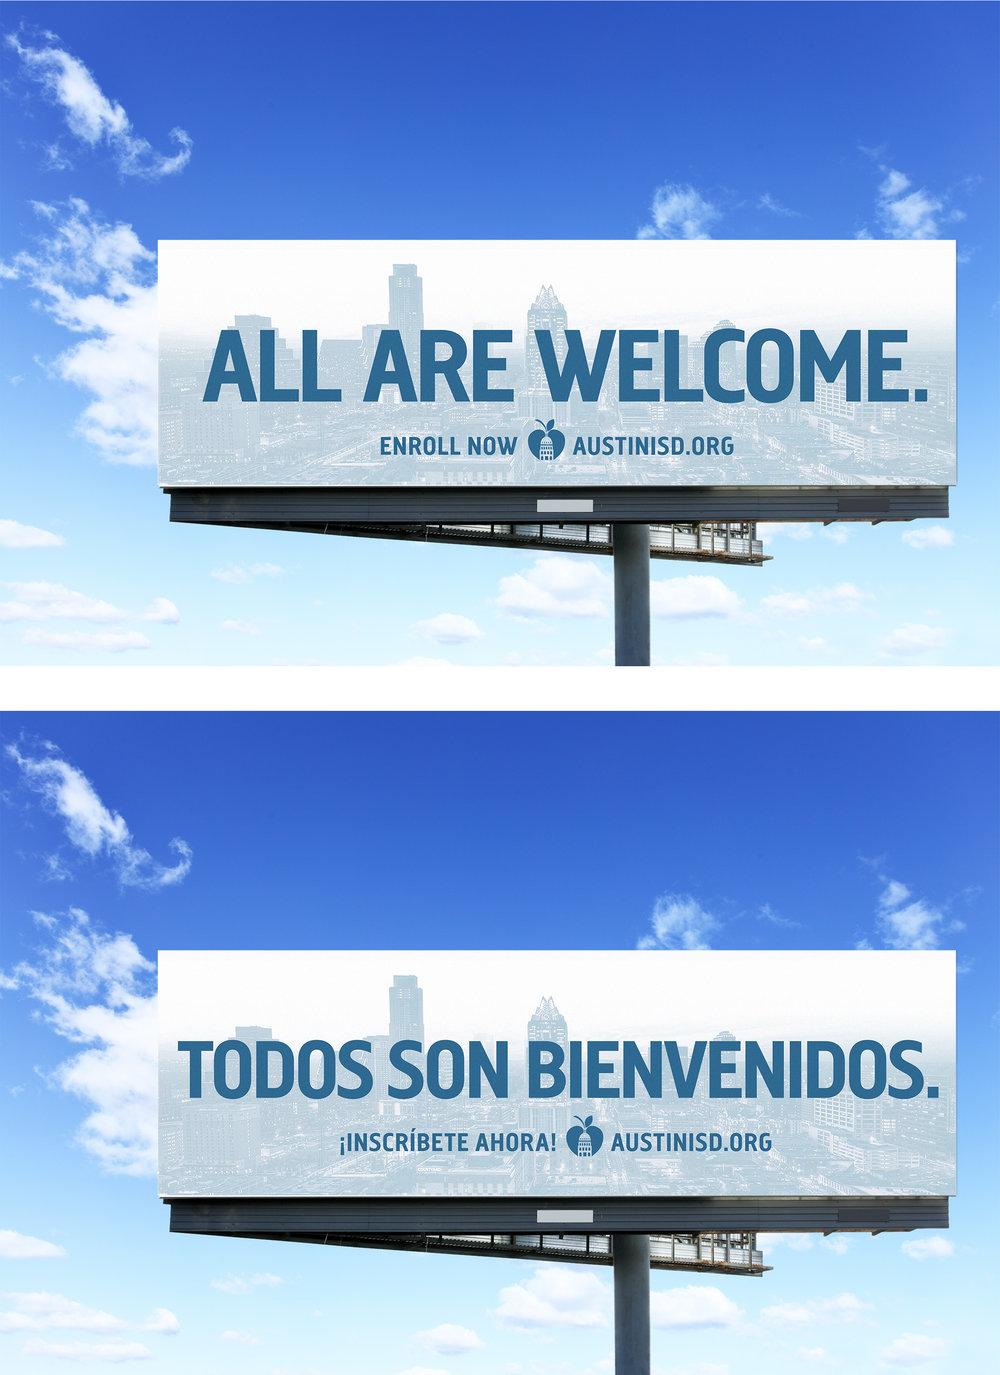 todosarewelcome.jpg